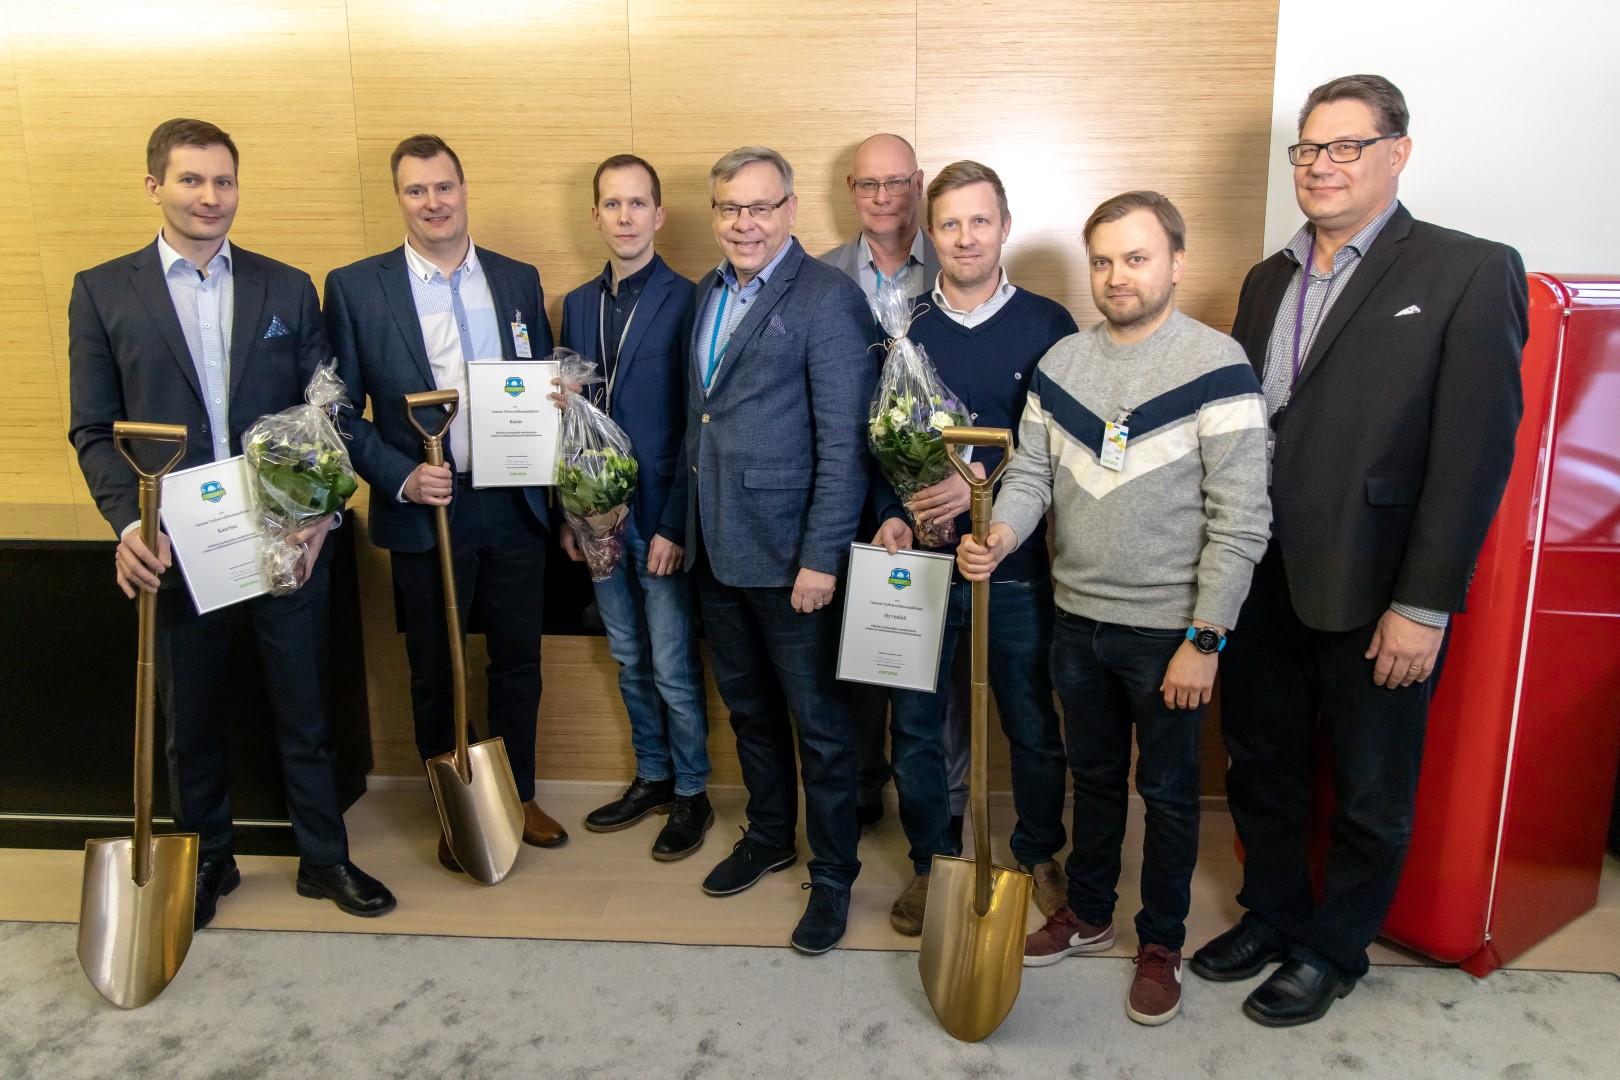 Jyrki Haapasaari (tekninen johtaja, Kaarina), Mikko Kunttu (kaupungininsinööri, Raisio), Jussi Rönkkö (avainasiakaspäällikkö, Caruna), Kari Vessonen (asiakkuuspäällikkö, Caruna), Tomi Yli-Kyyny (toimitusjohtaja, Caruna), Anssi Juntunen (sähköinsinööri, Hyvinkää), Mikko Kivistö (verkostoinsinööri, Hyvinkään Lämpövoima Oy) ja Petri Parviaianen (avainasiakaspäällikkö, Caruna).